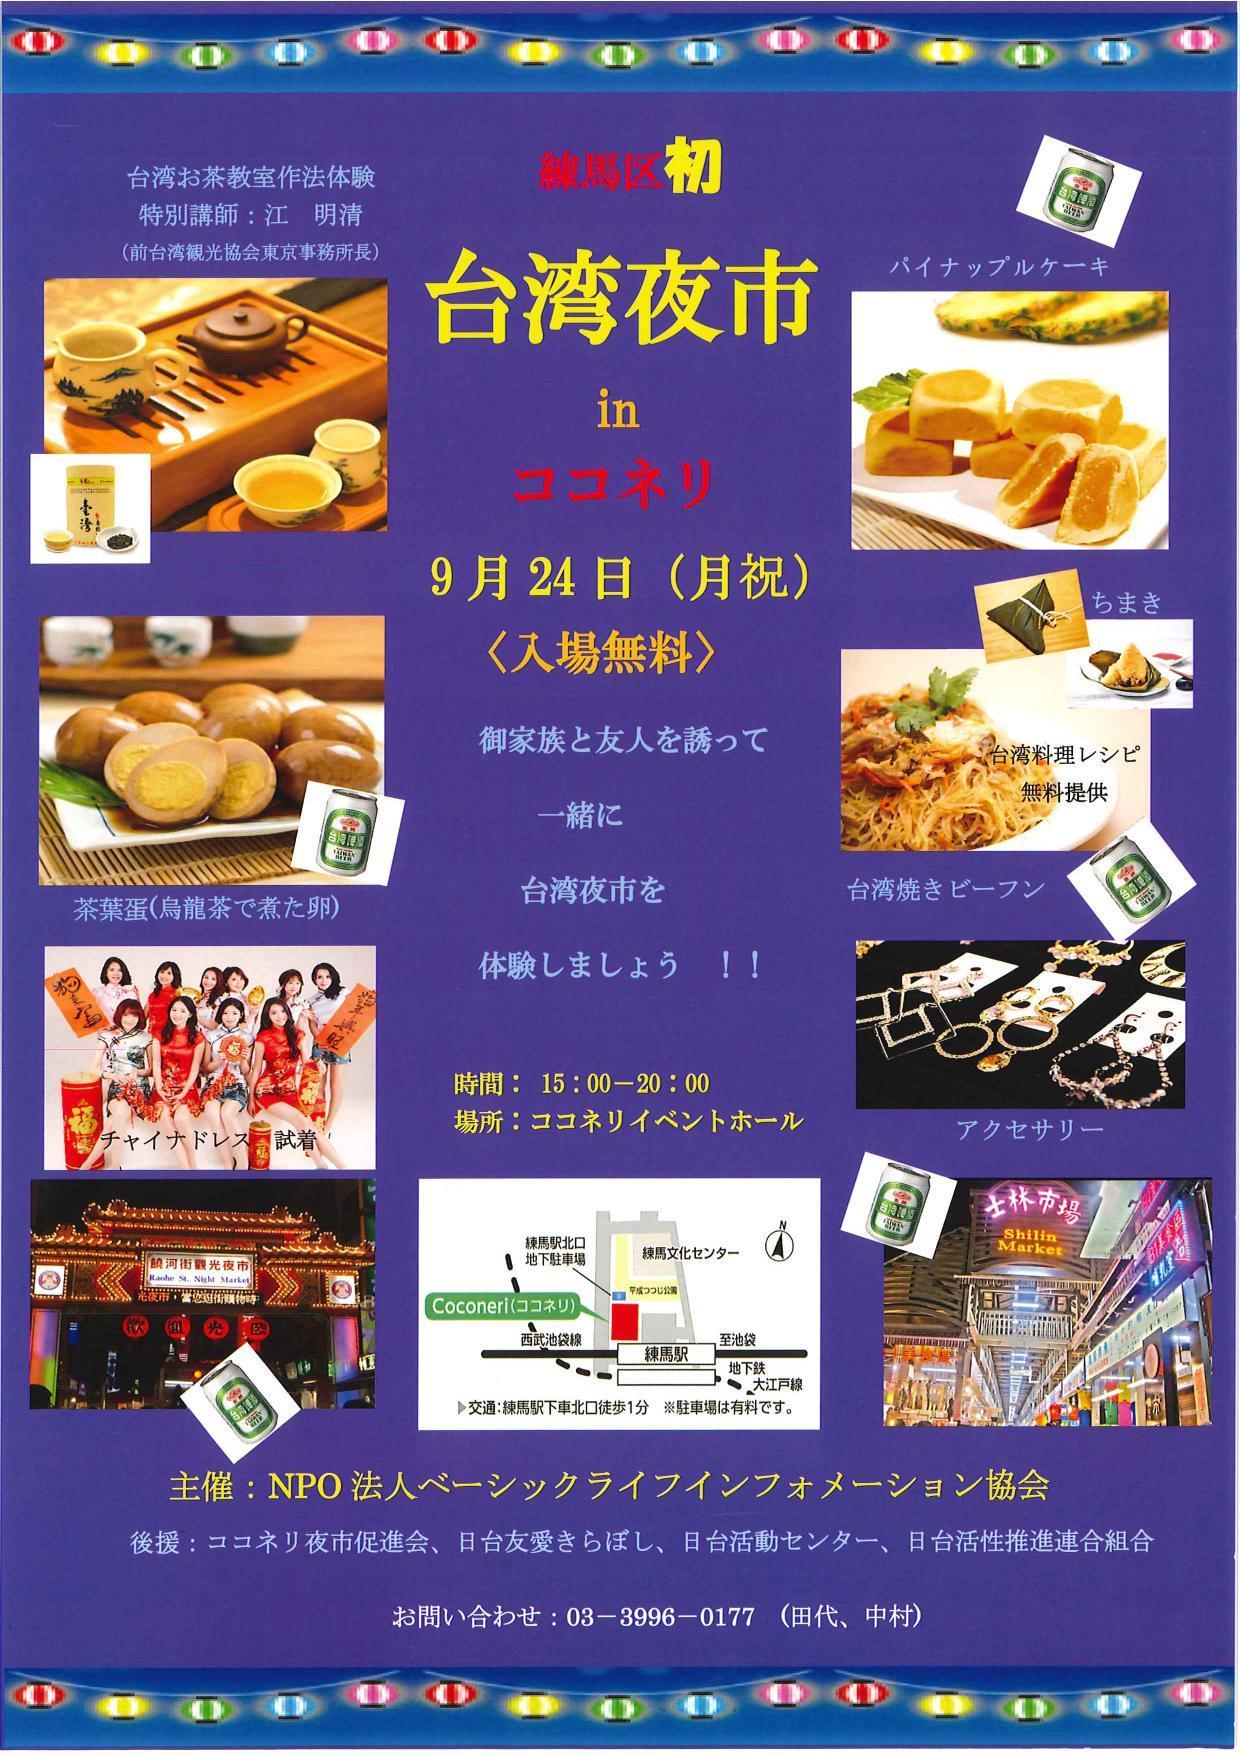 台湾夜市in kokoneri